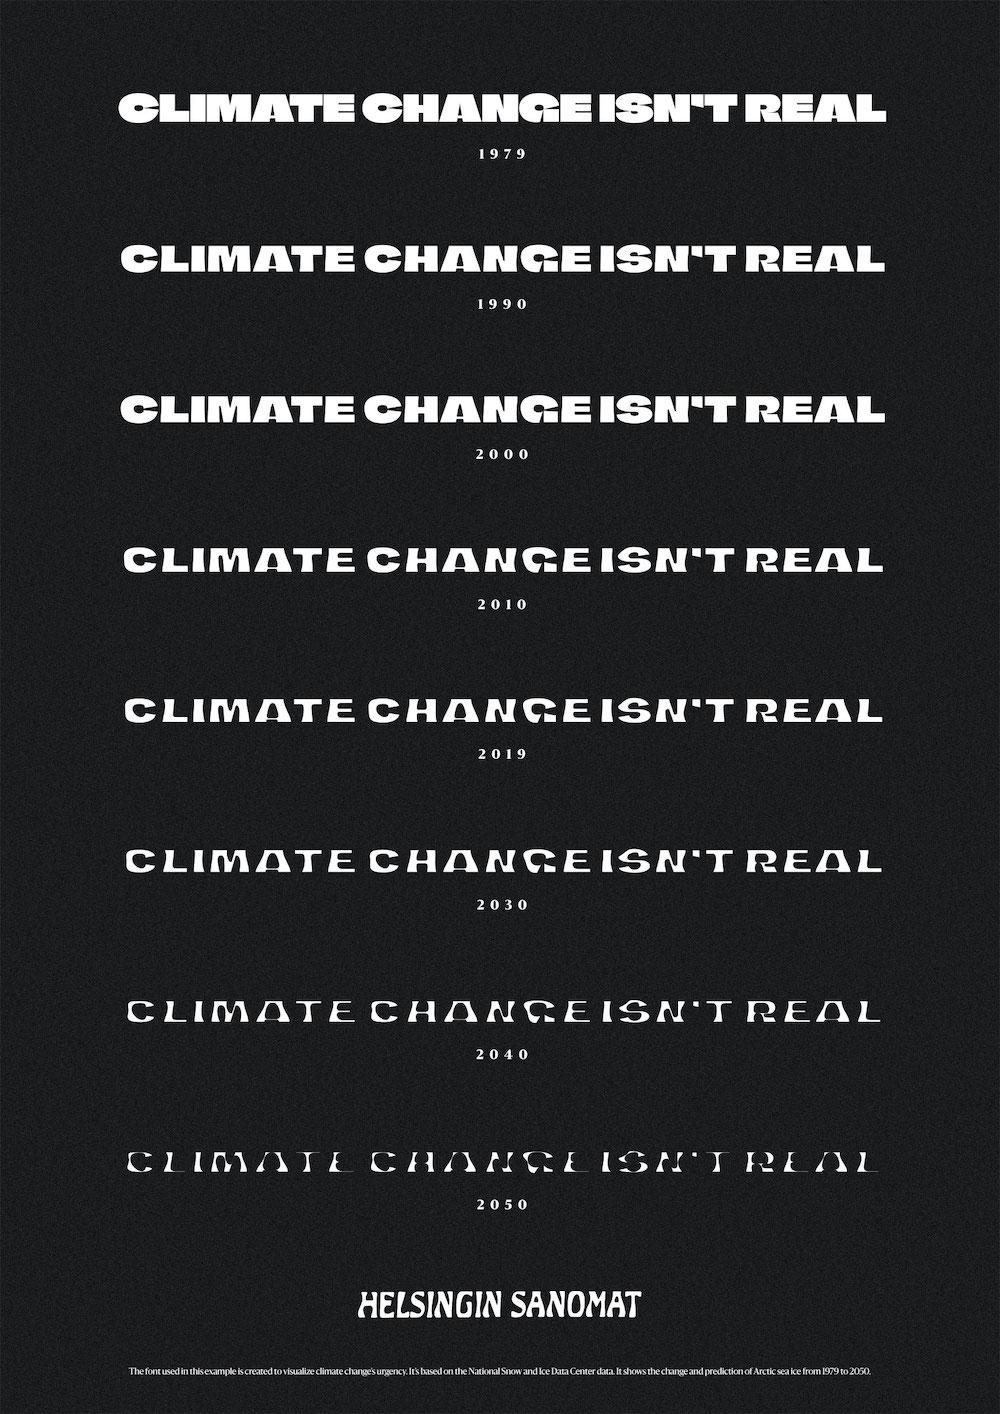 ClimateCrisisText